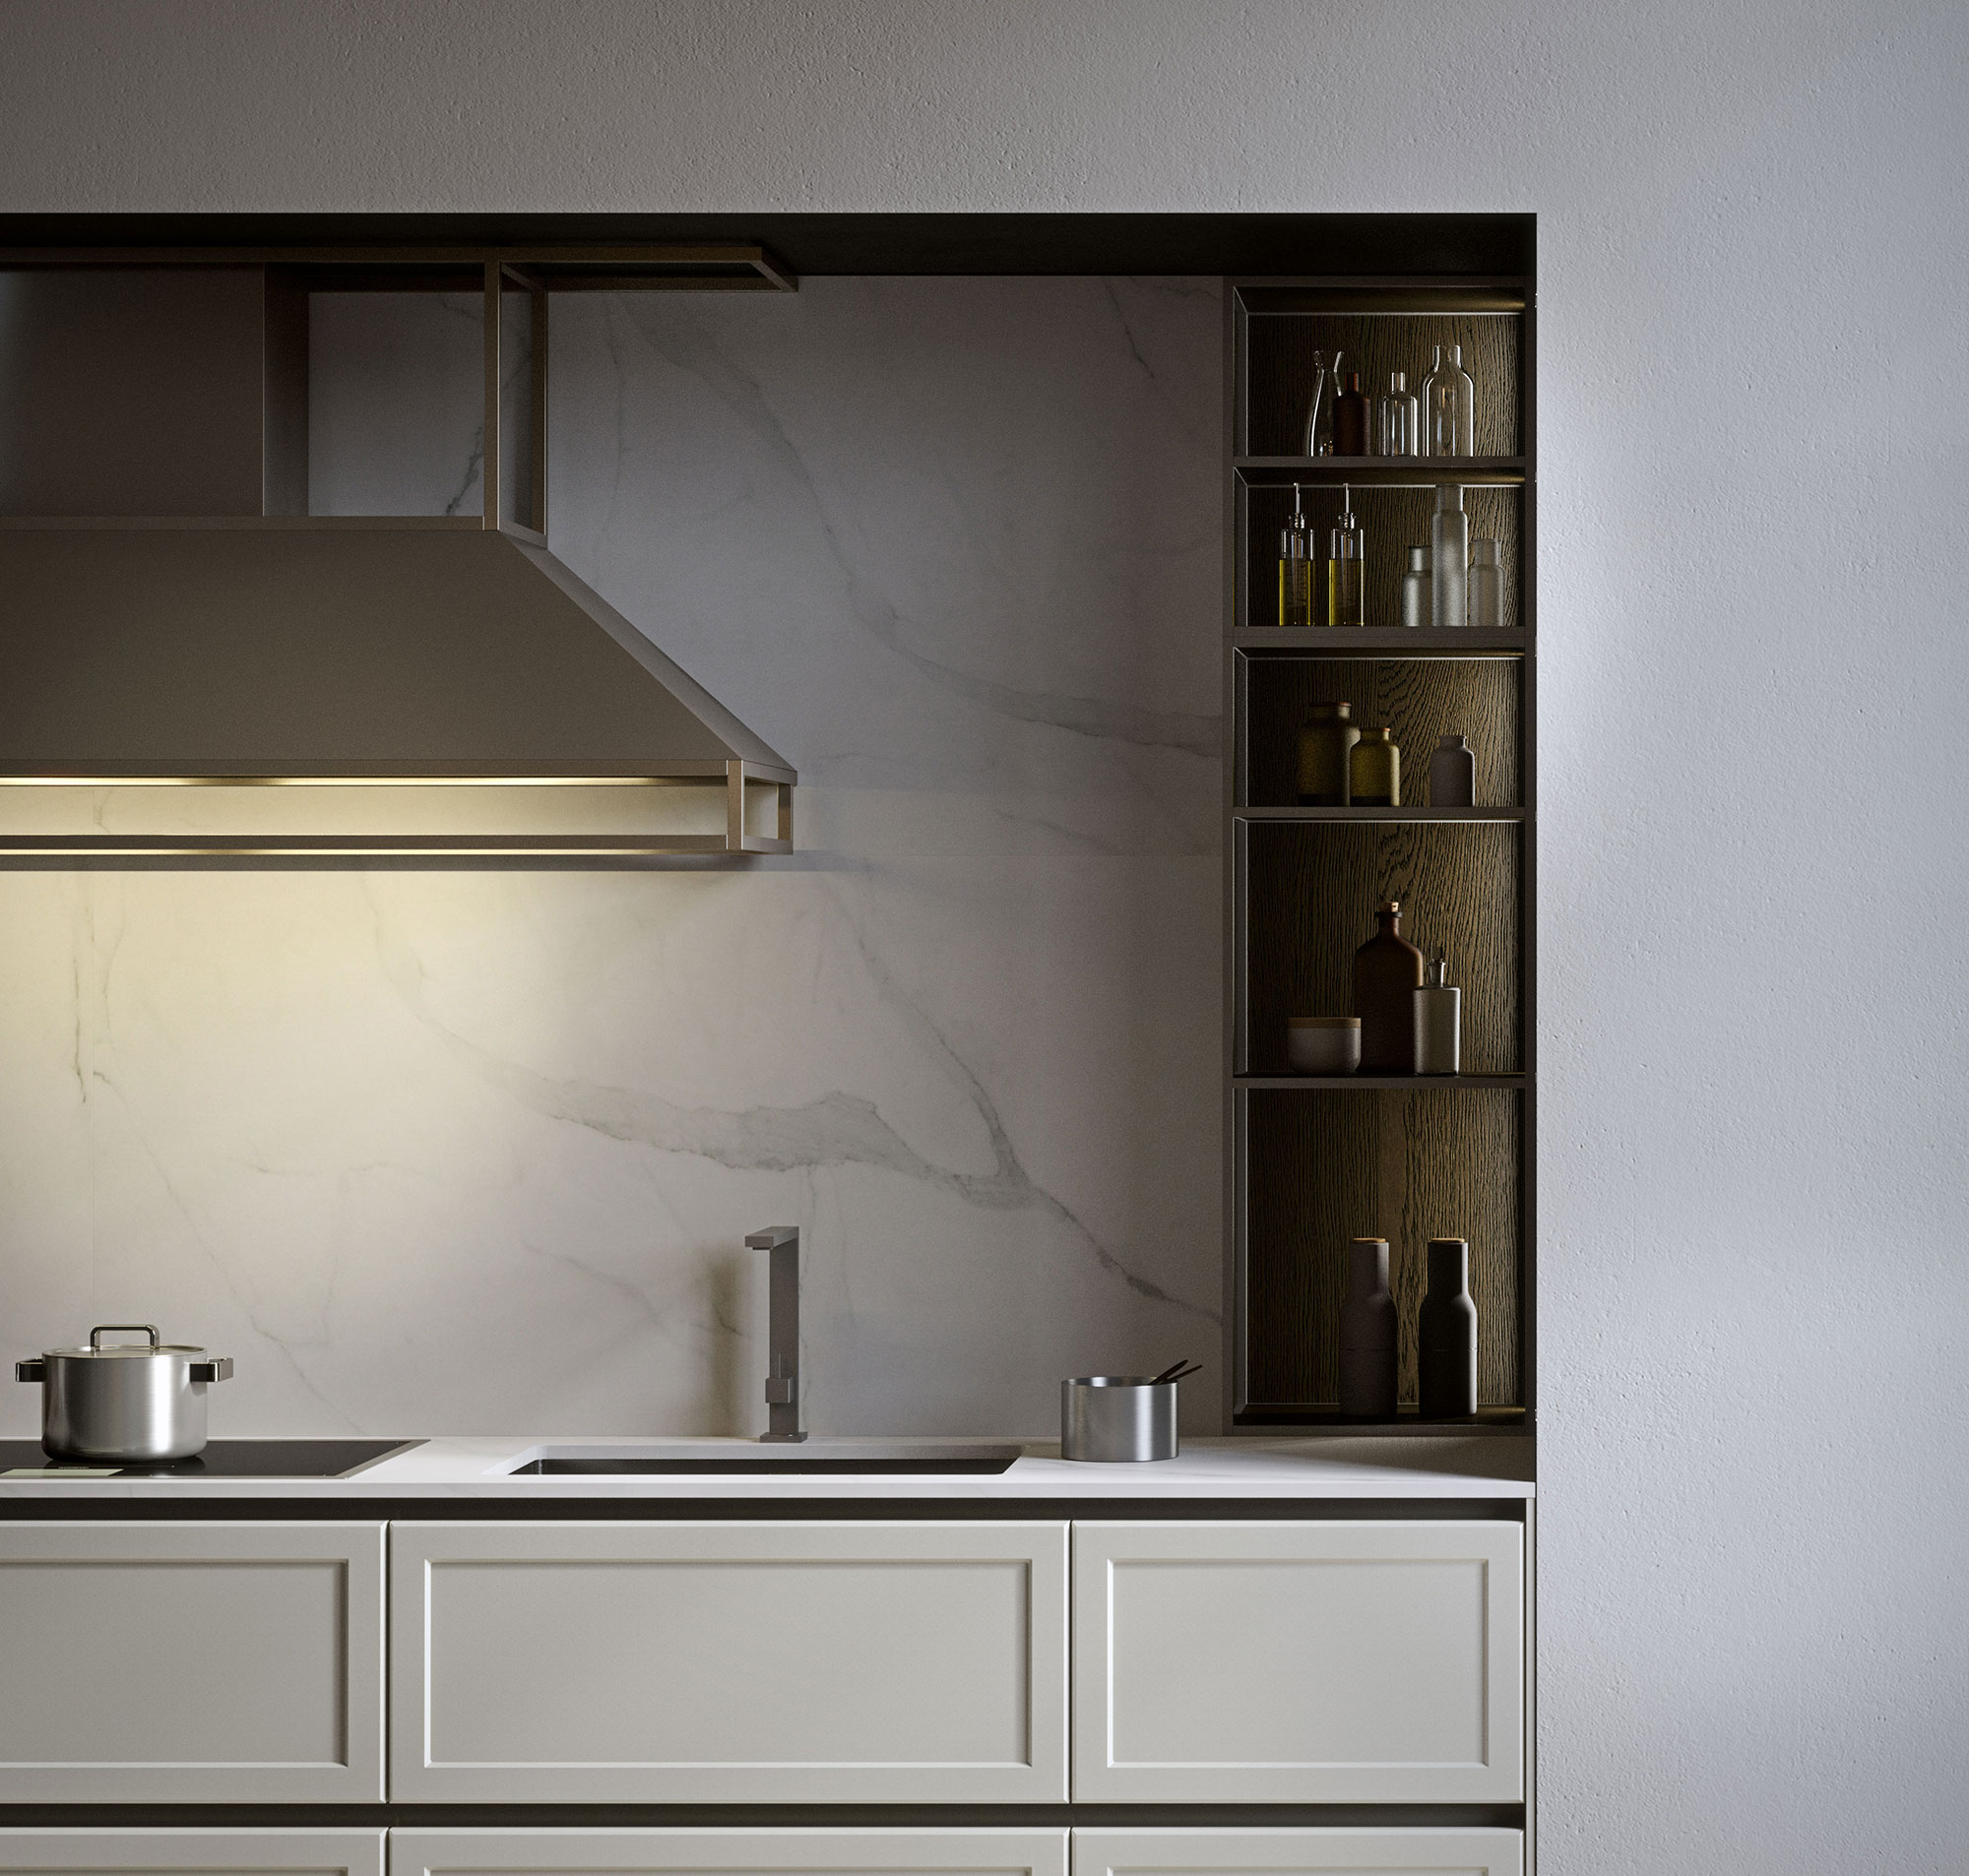 cucine-classiche-con-isola-frame-snaidero-dettaglio-8